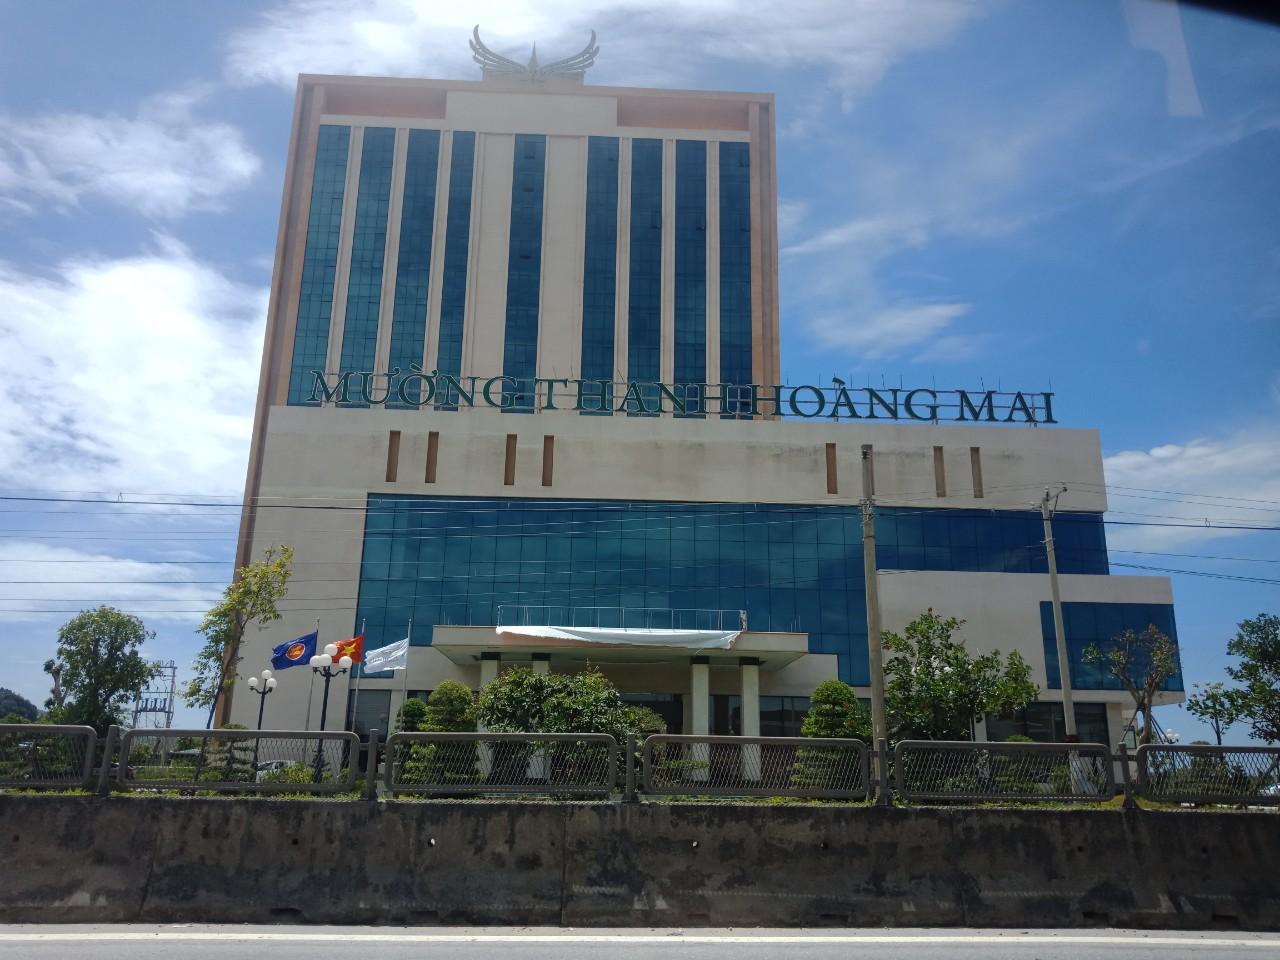 Khách sạn Mường Thanh Hoàng Mai